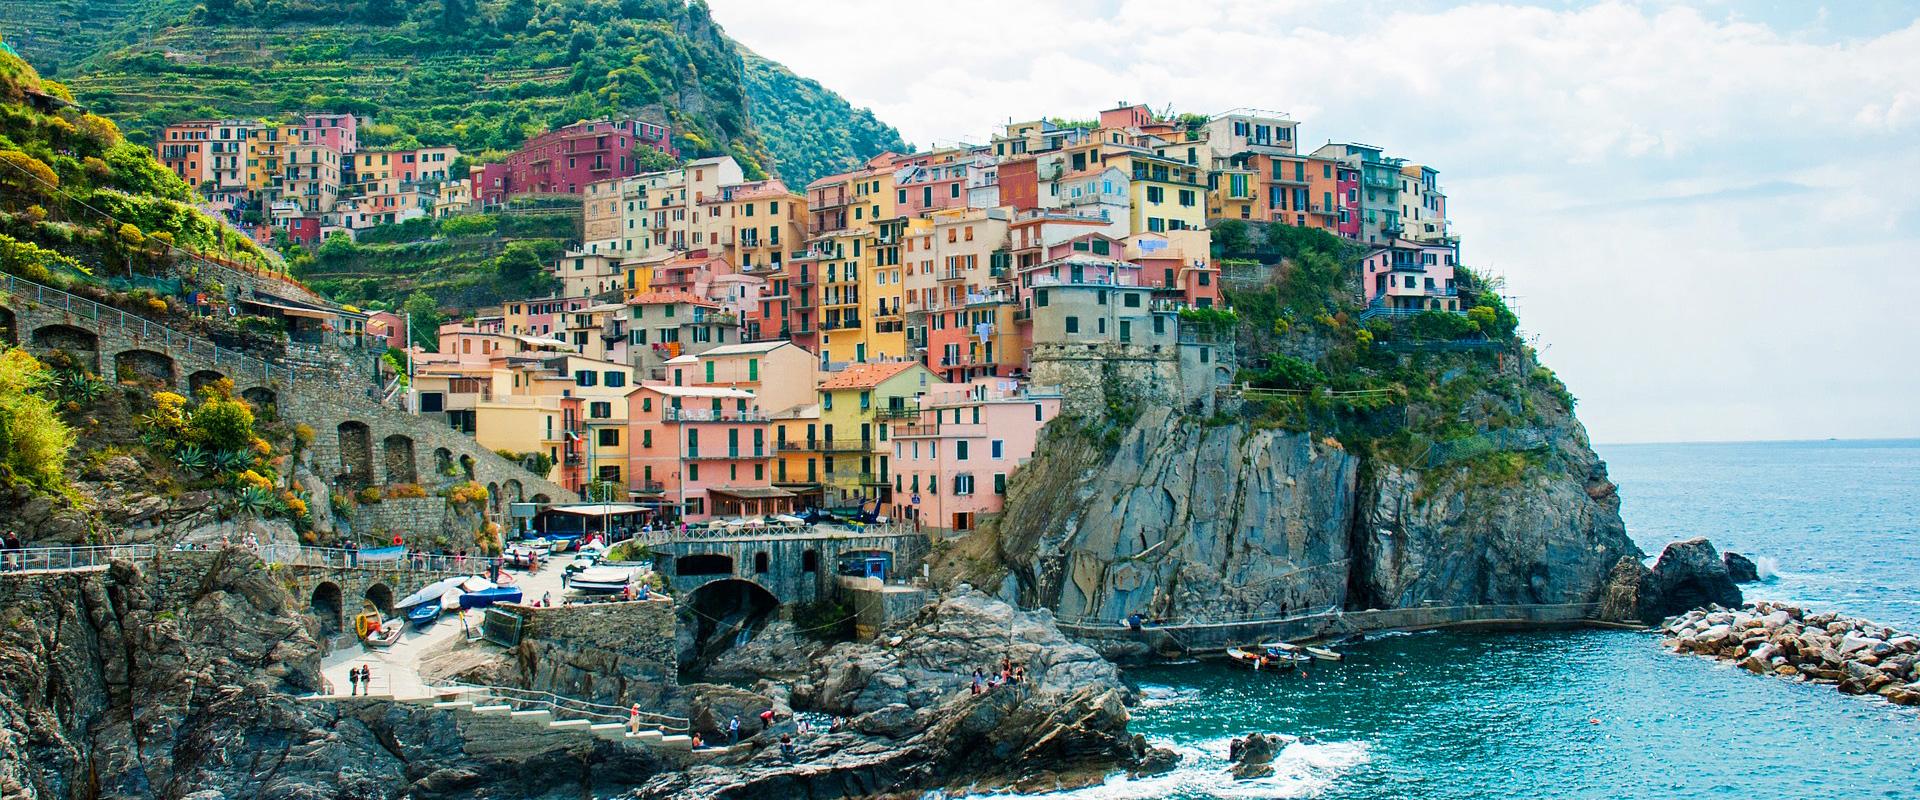 Italie | Les cinq terres